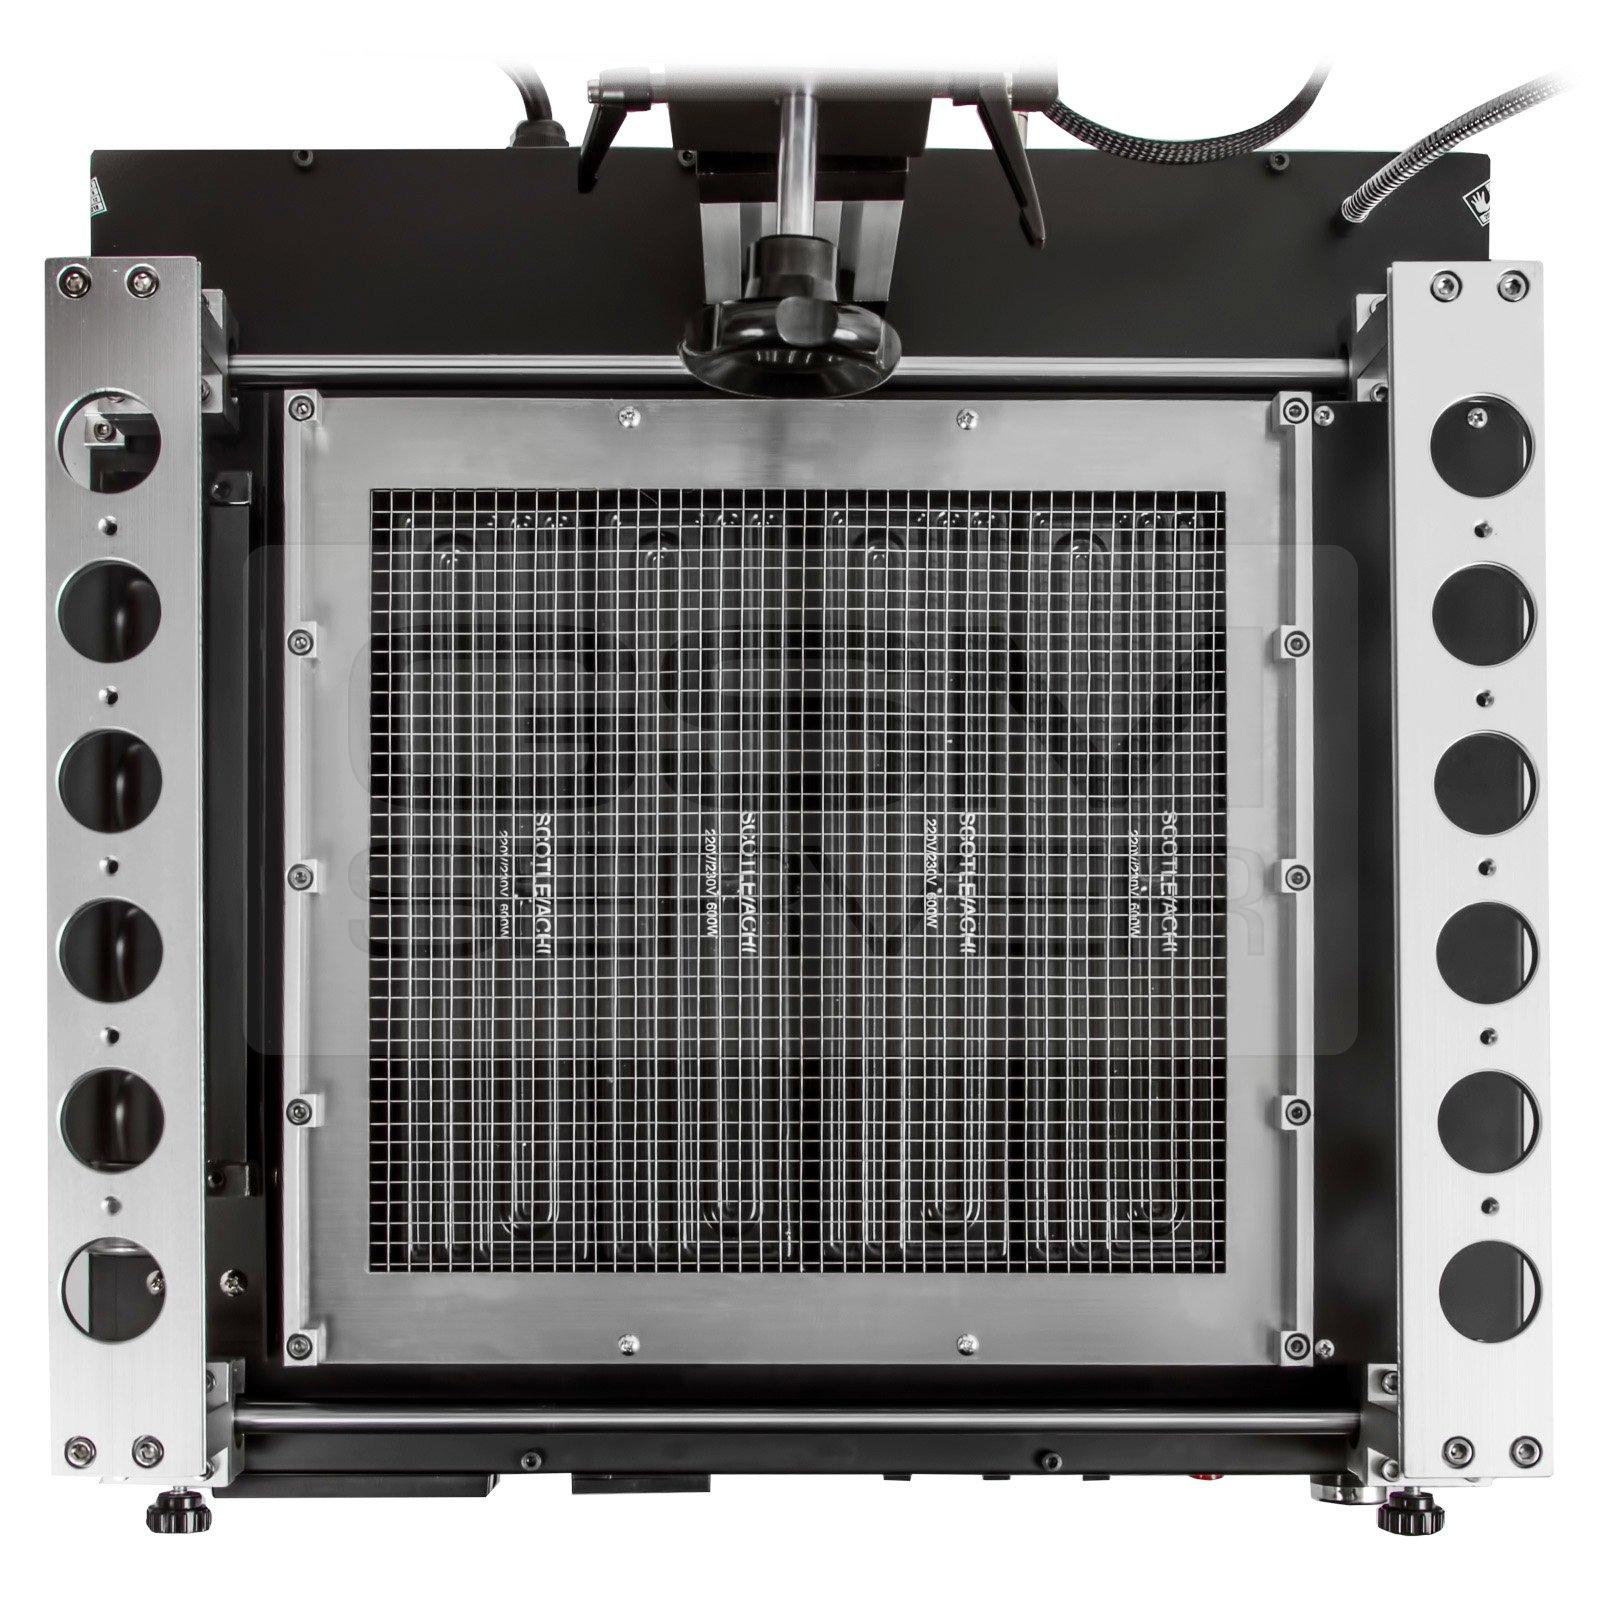 r11e-3530a-4m схема подключения